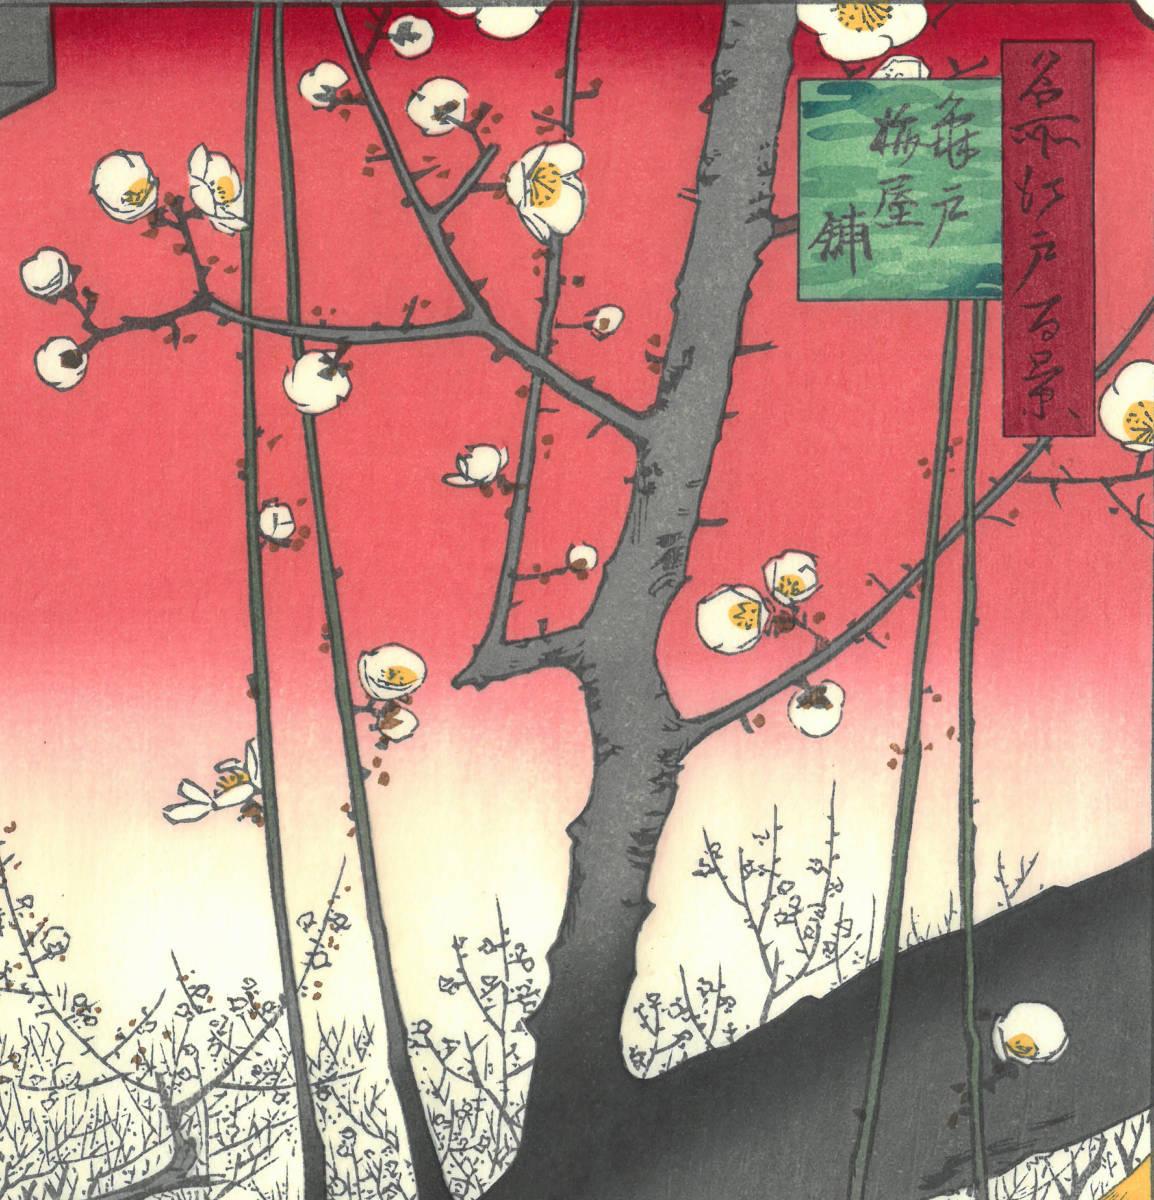 歌川広重 (Utagawa Hiroshige) 木版画 江戸百景 #30. 亀戸梅屋舗 初版1856-58年頃 広重の木版画の真の素晴らしさをご堪能下さい!_画像8